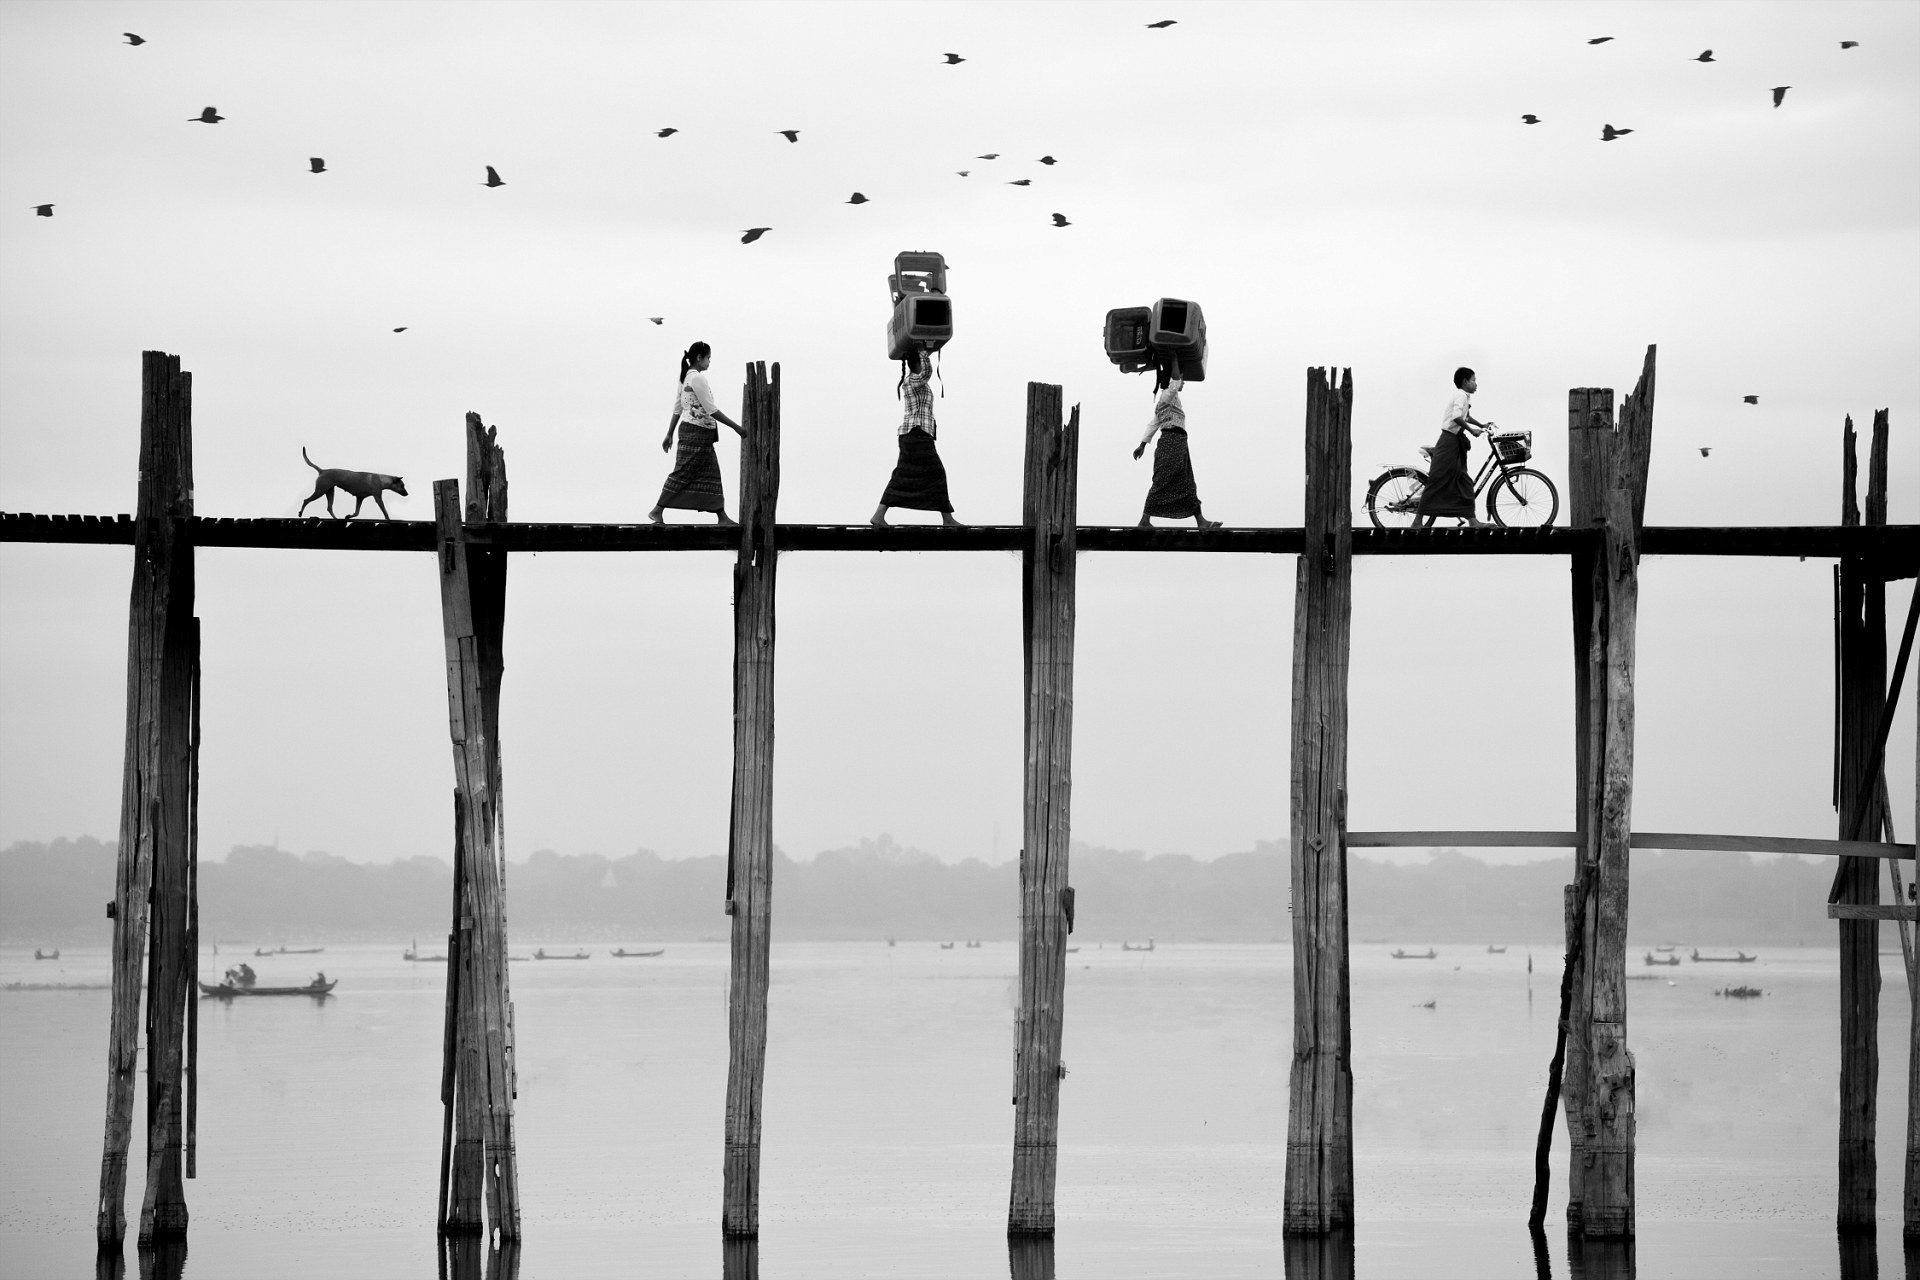 Женщины на мосту, Мьянма. Фотограф - Суфакальн Вонгкомпьюн Sony World Photography, Sony World Photography Awards 2018, лауреаты, лучшие фото, лучшие фотографии, победители, победители конкурса, фотоконкурс